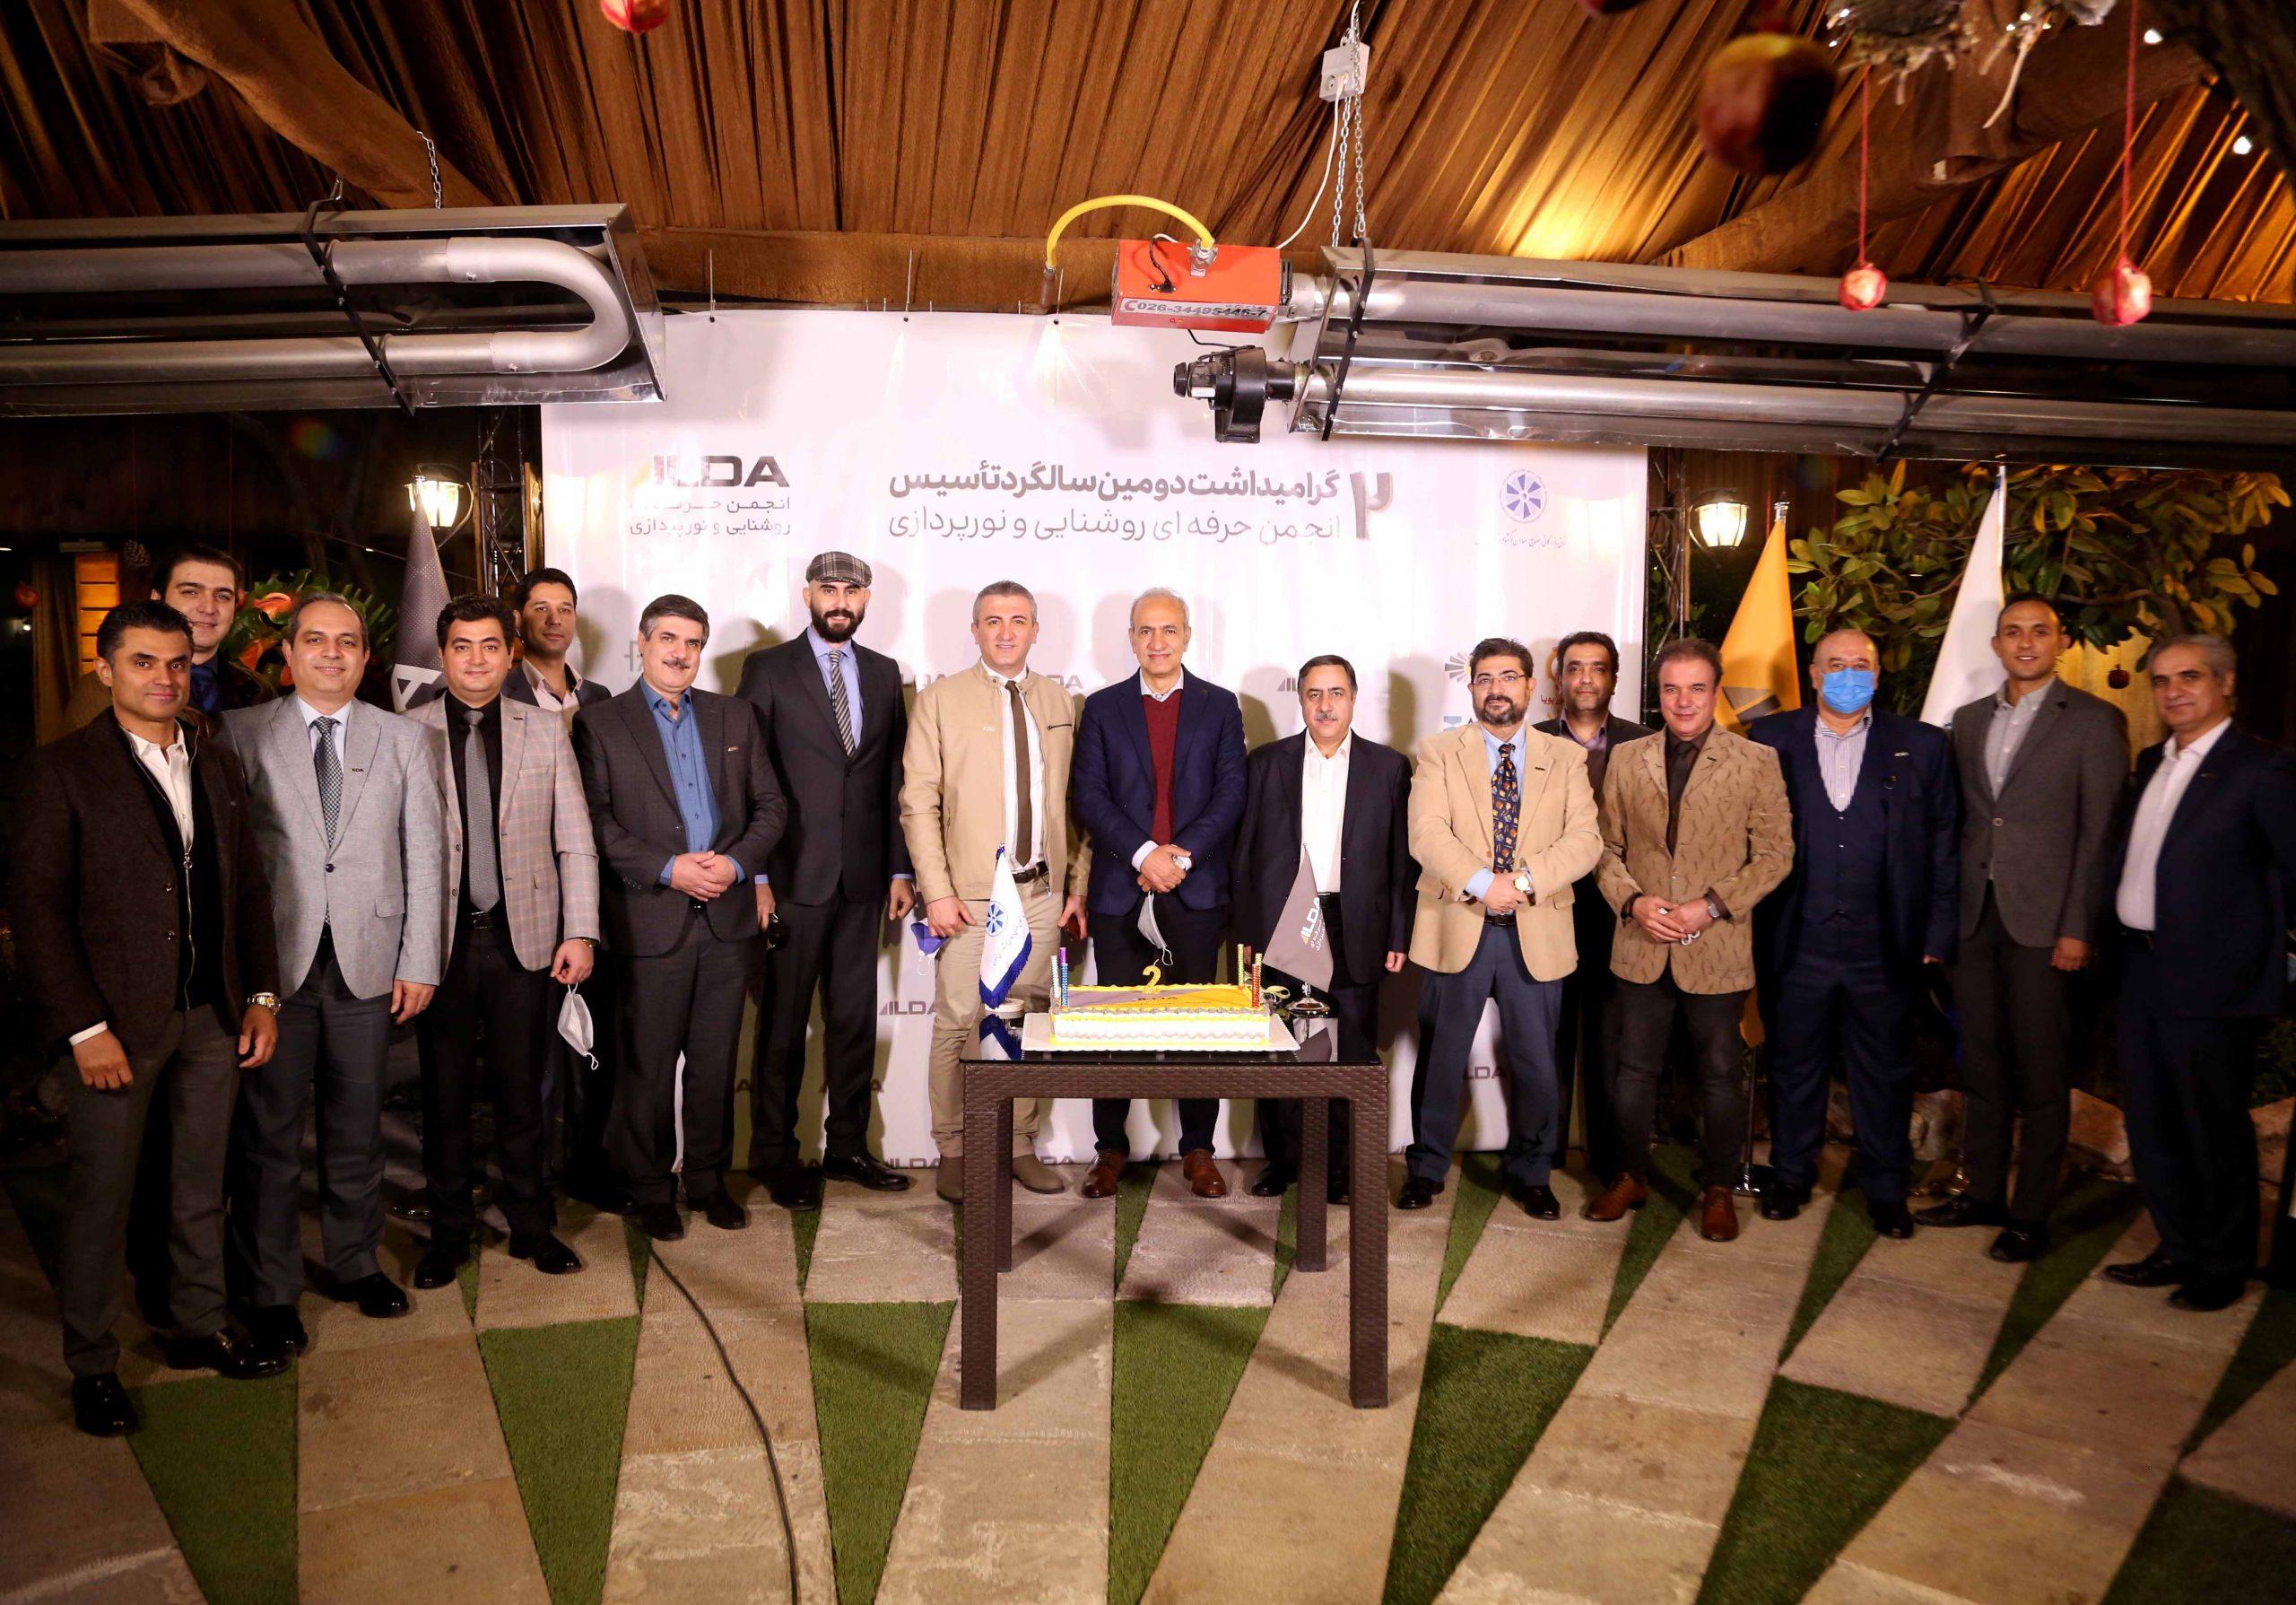 مراسم دومین سالگرد انجمن